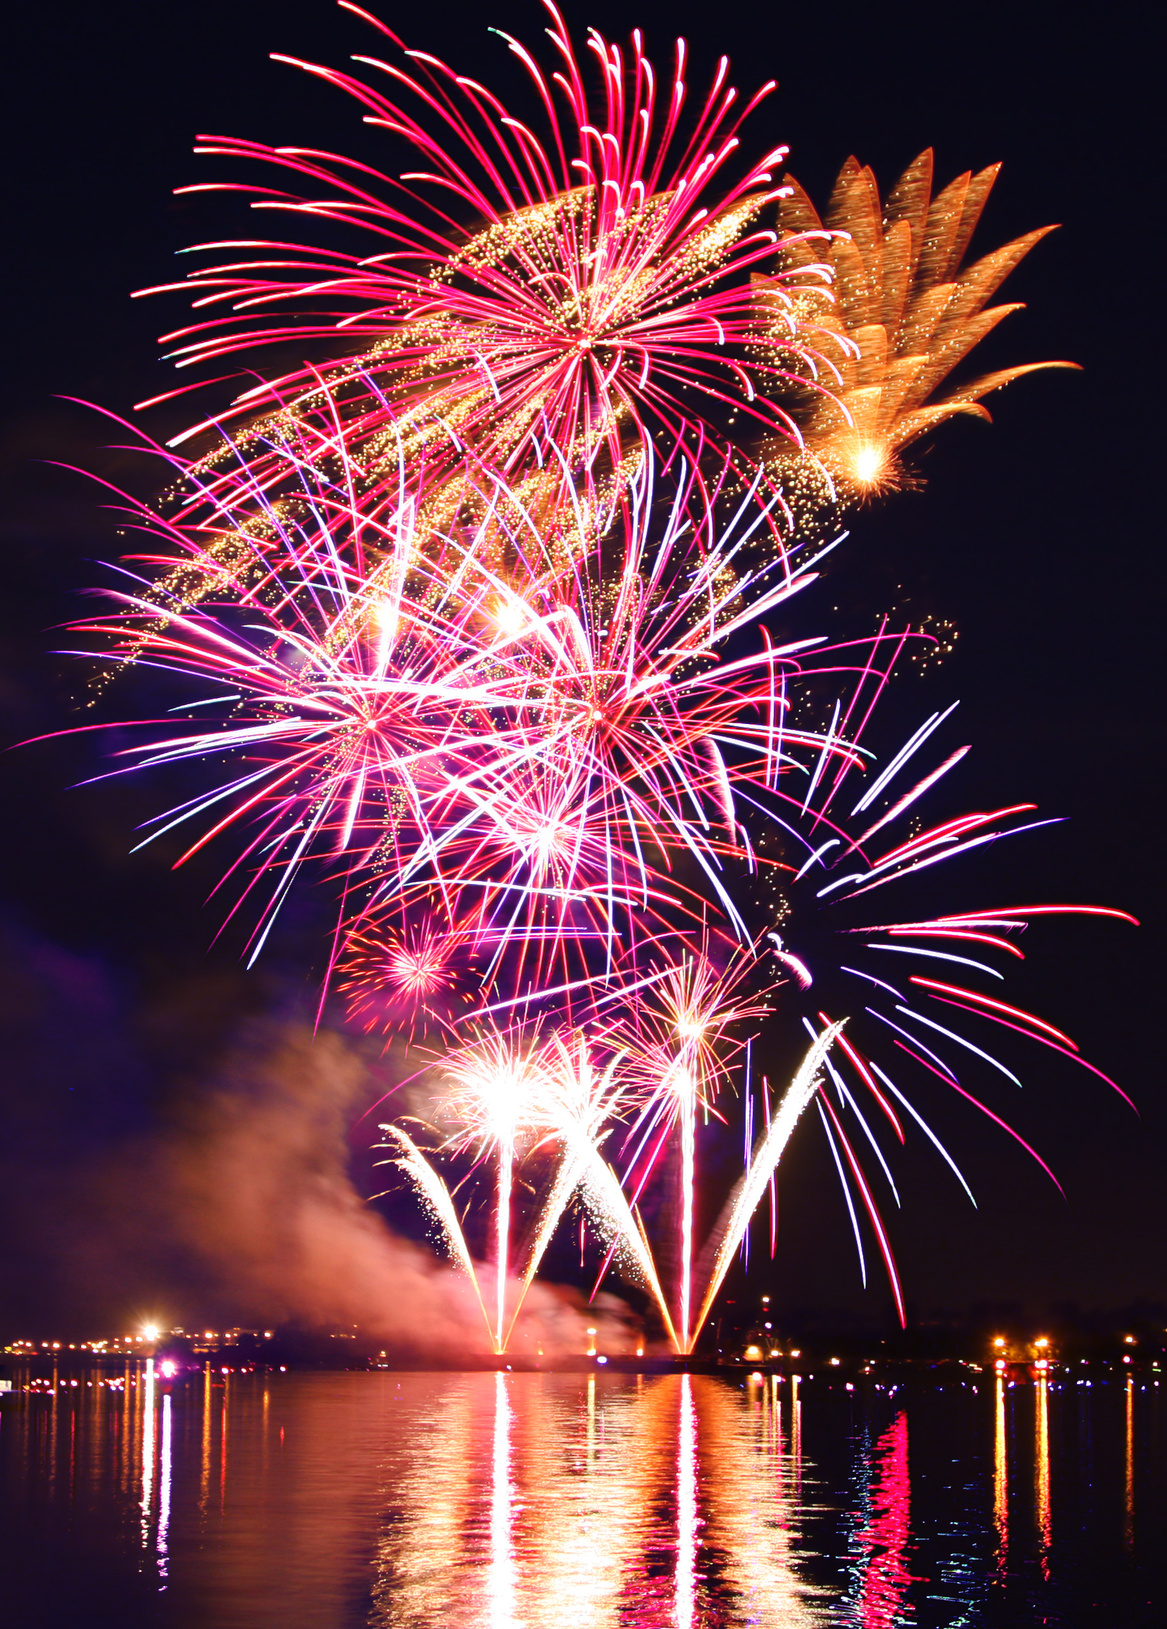 Enjoy your fireworks displays safely!